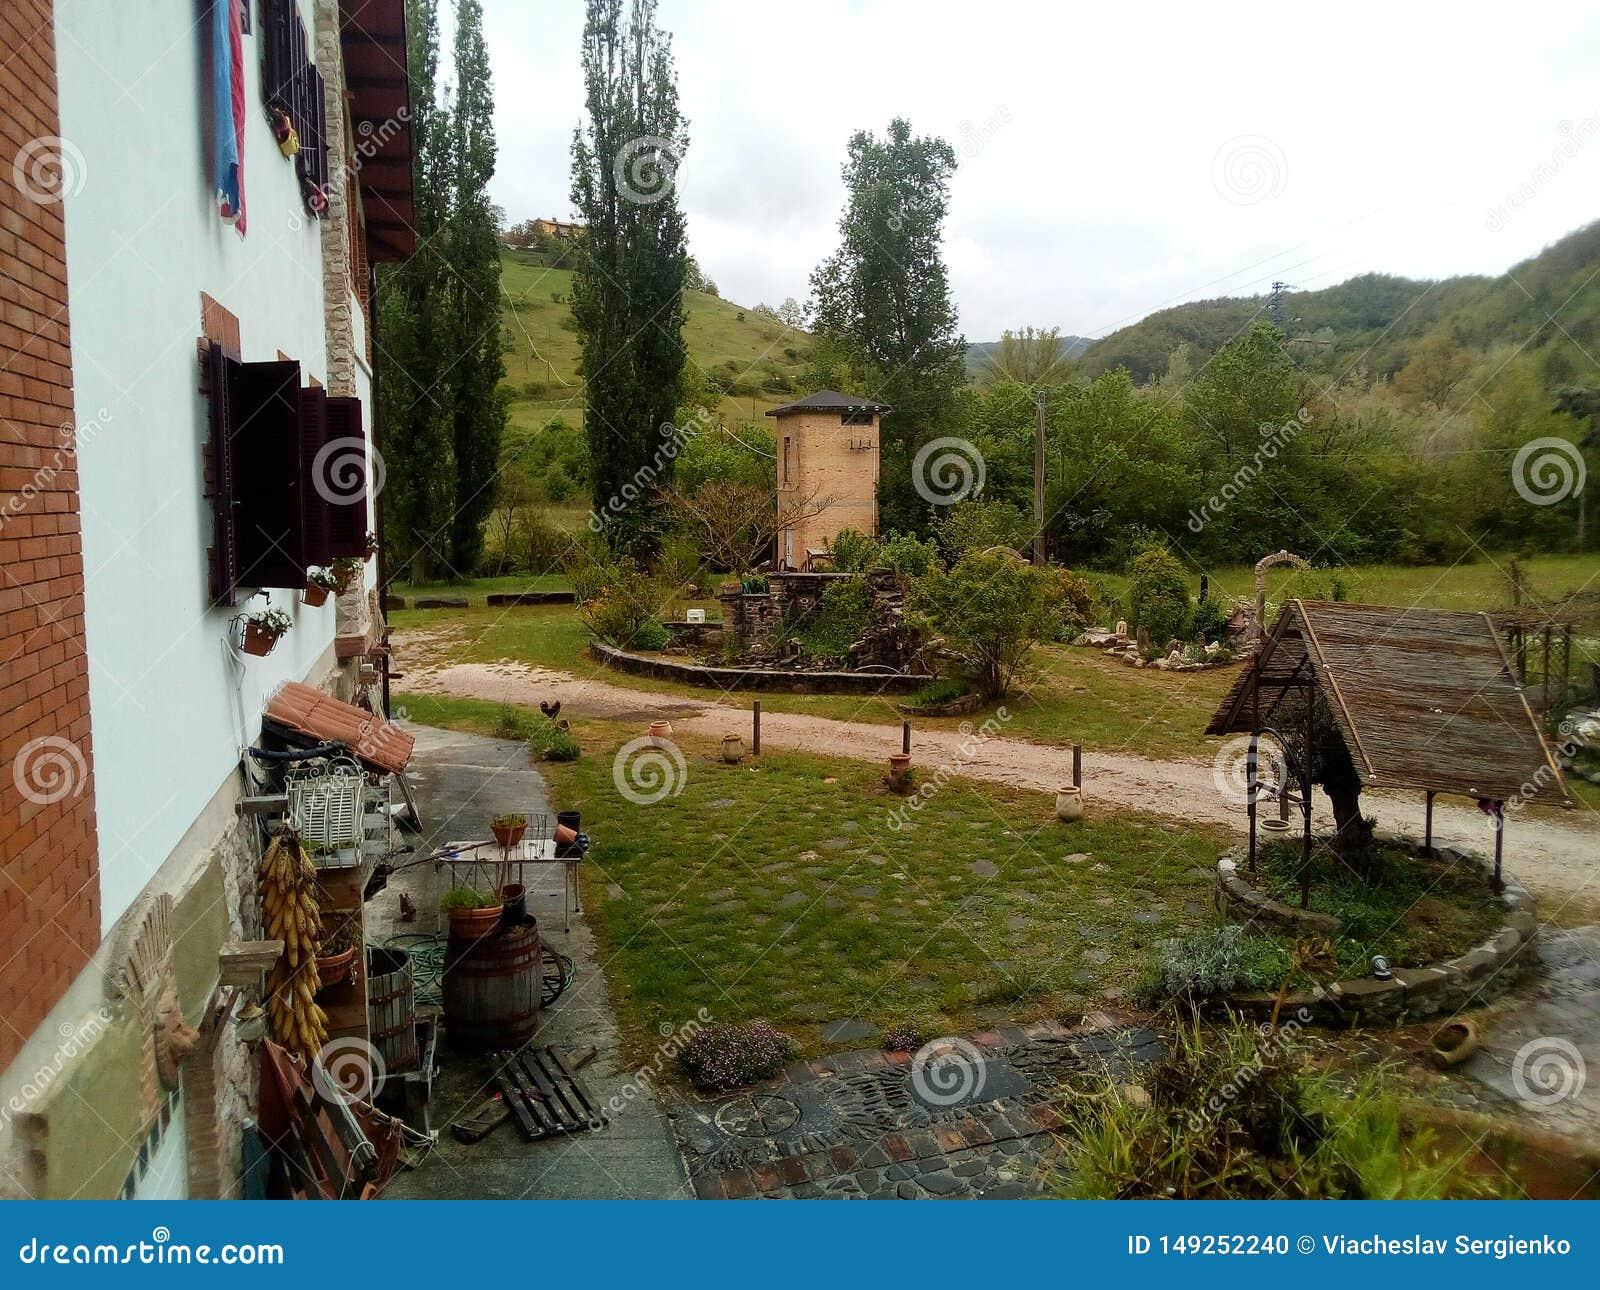 Buitenhuis in de Bergen van de Apennijnen, Itali? Assistentgebouwen